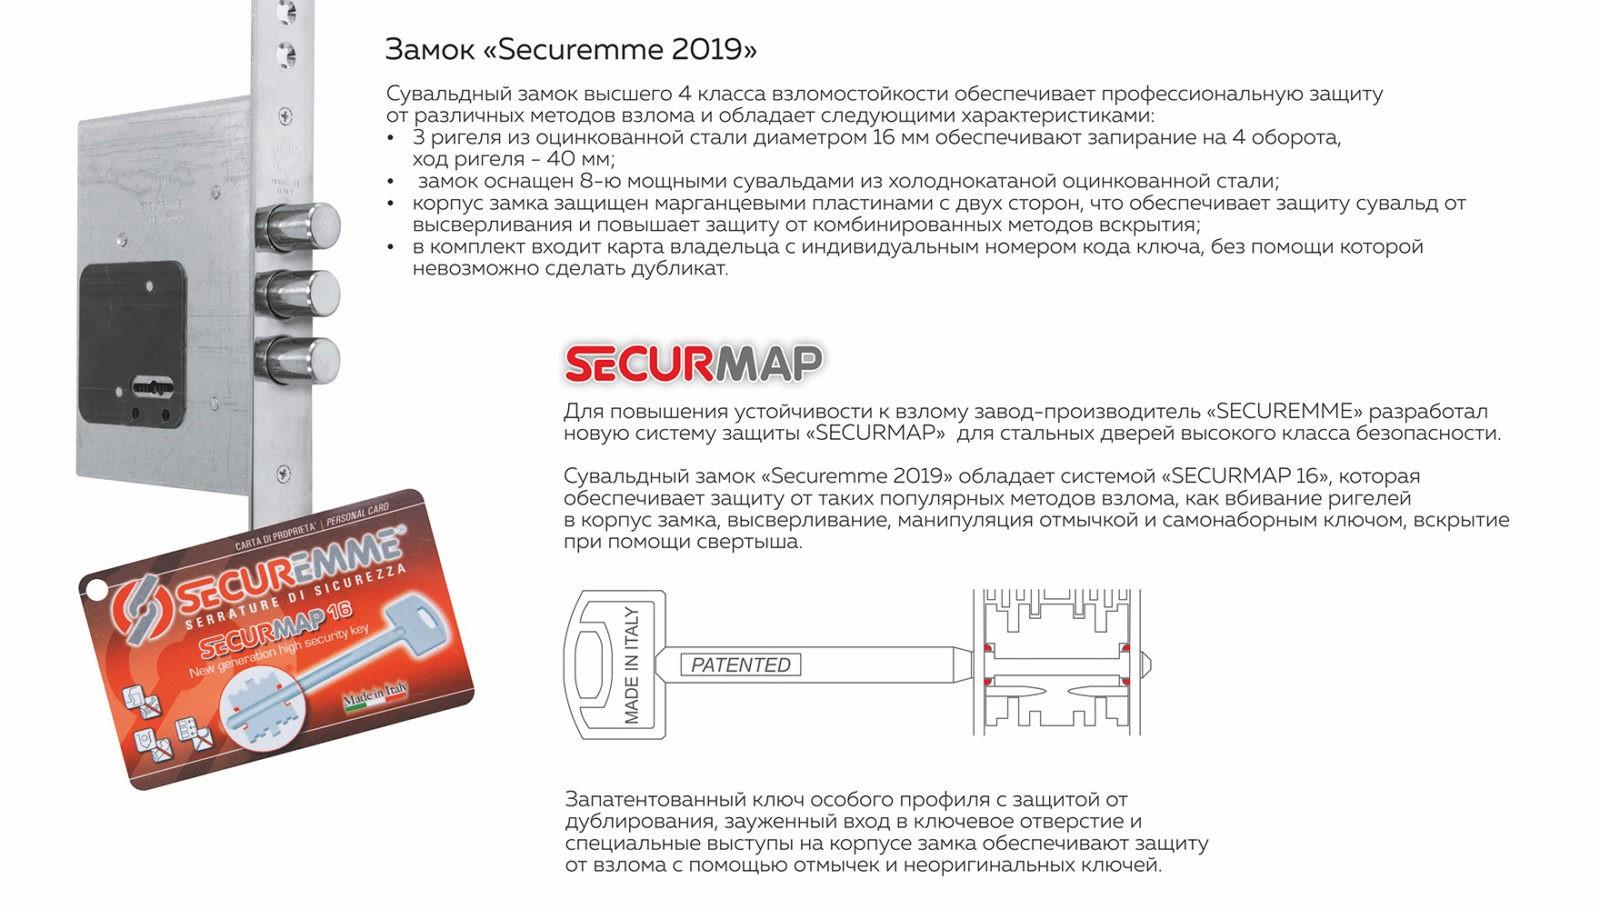 Сувальдный замок Securemme 2019